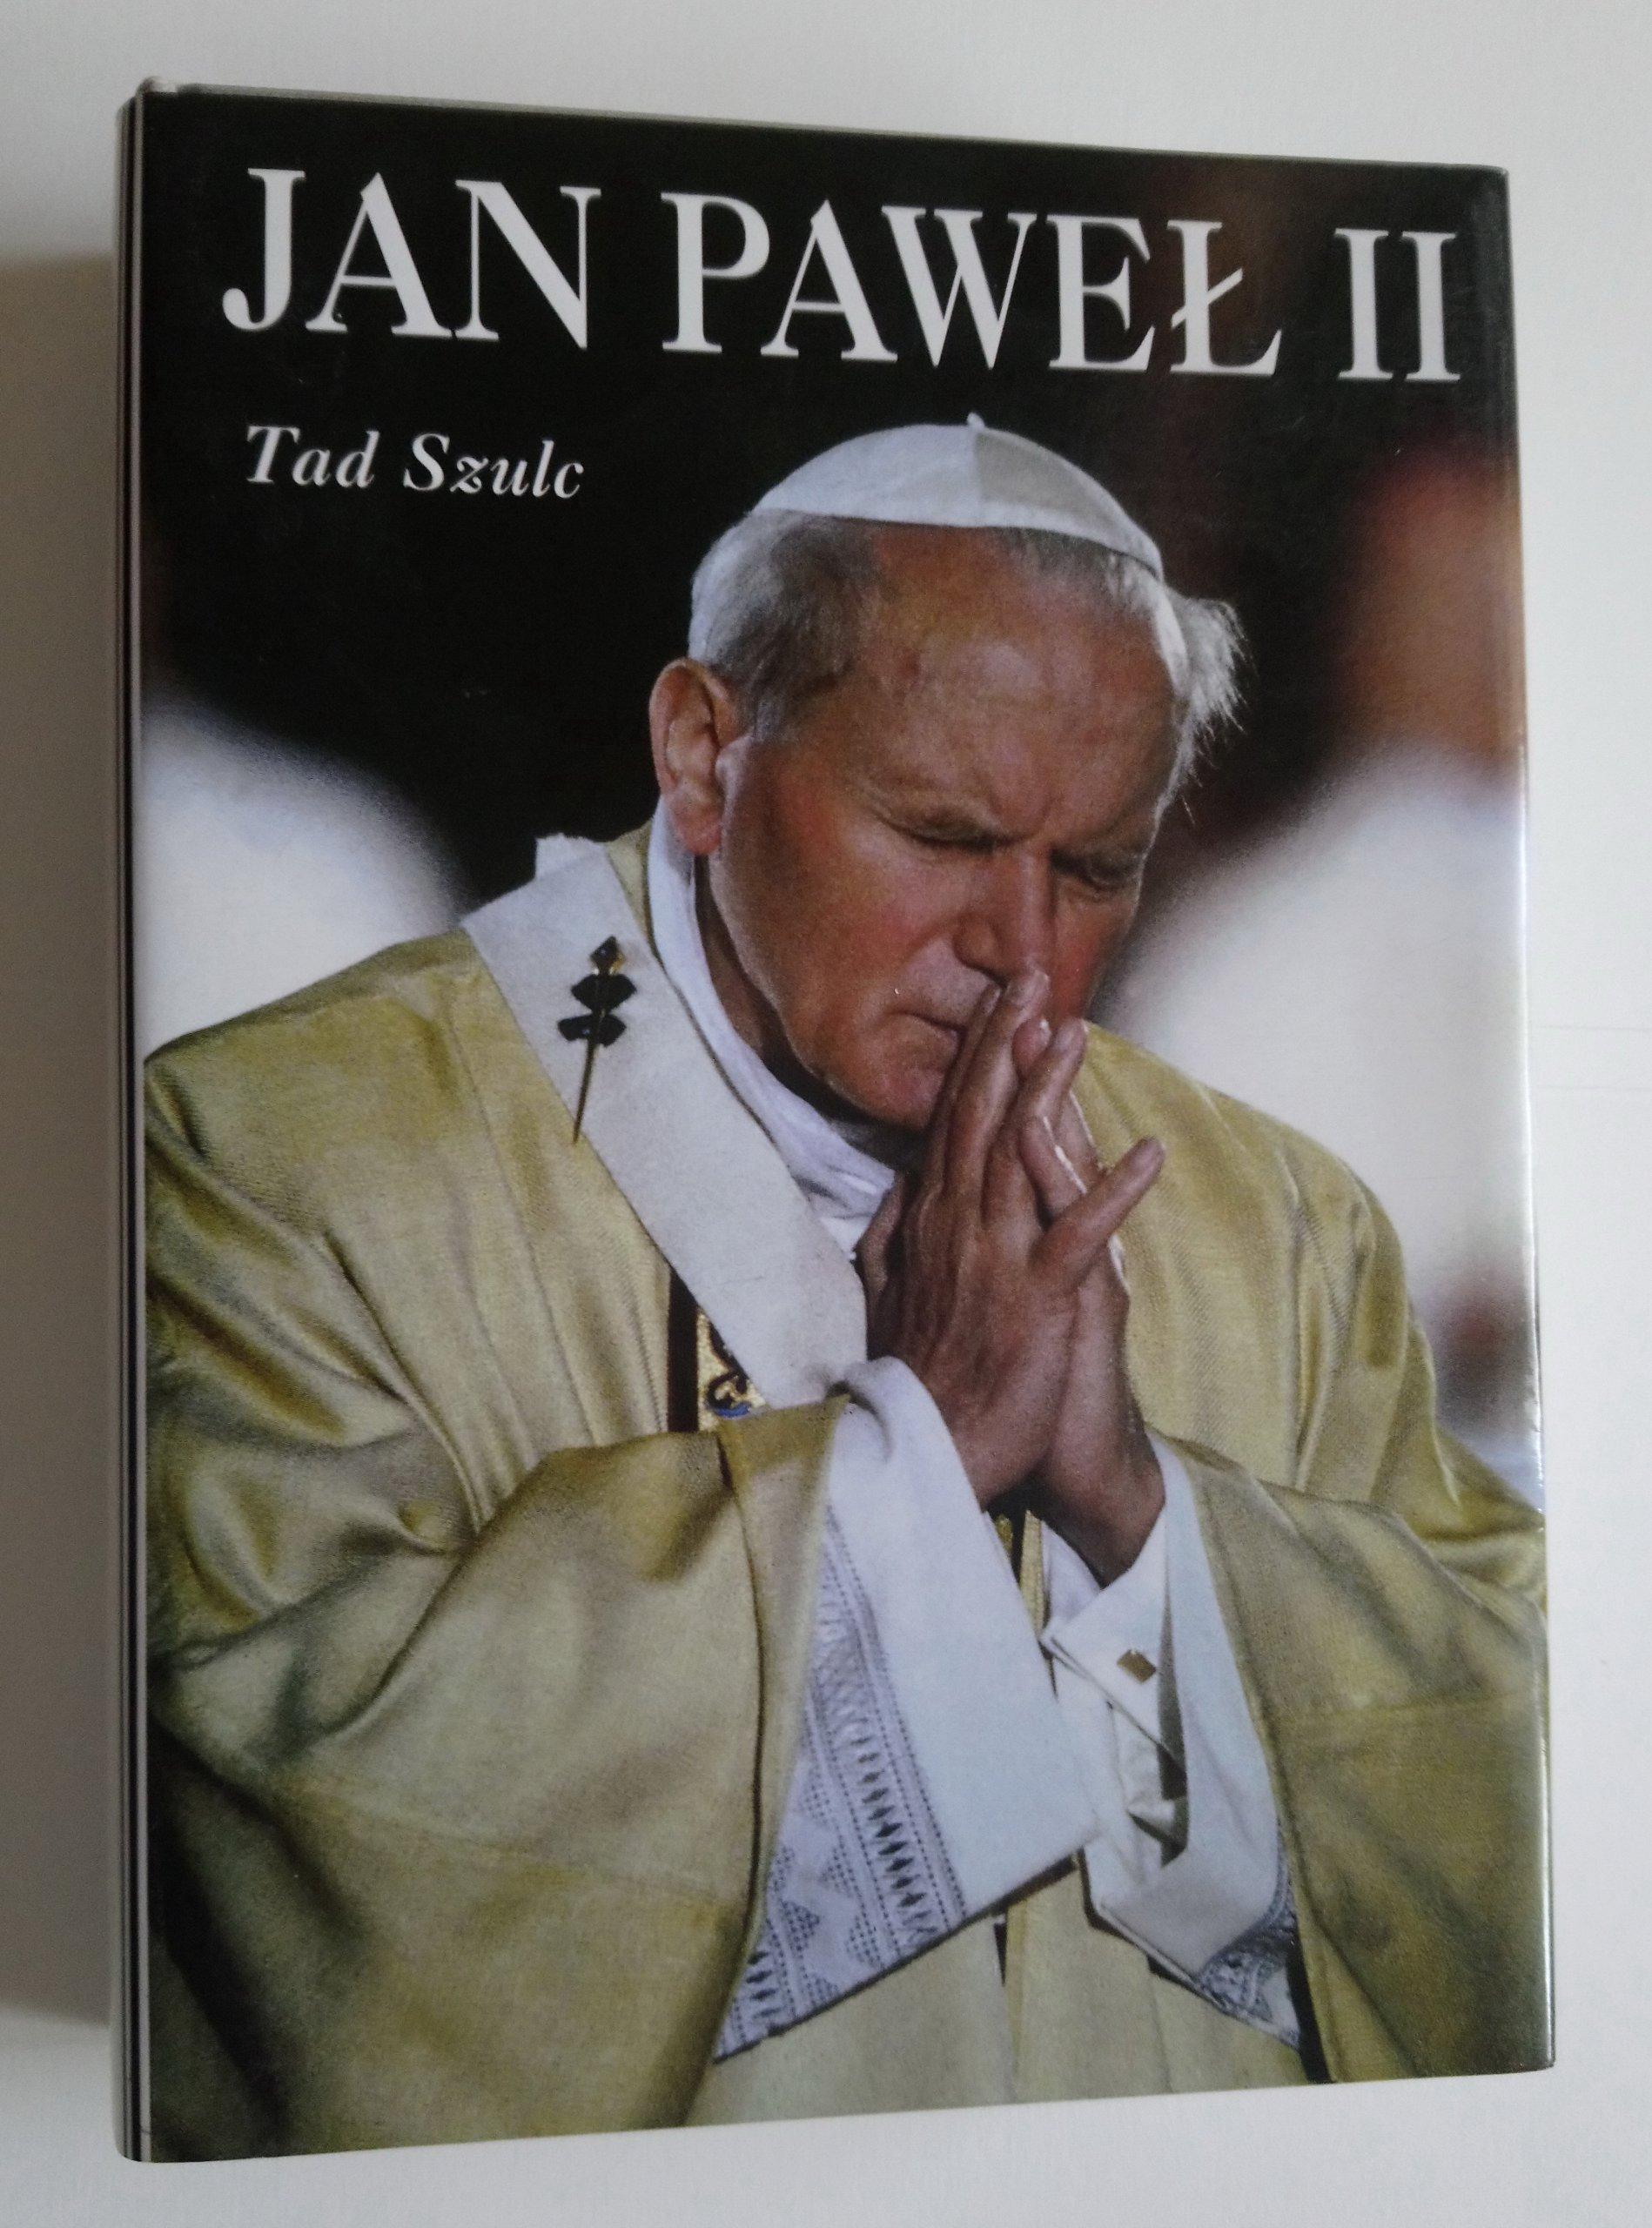 Jan Paweł Ii Tad Szulc Biografia Nowa 2x Obwoluta 7317821490